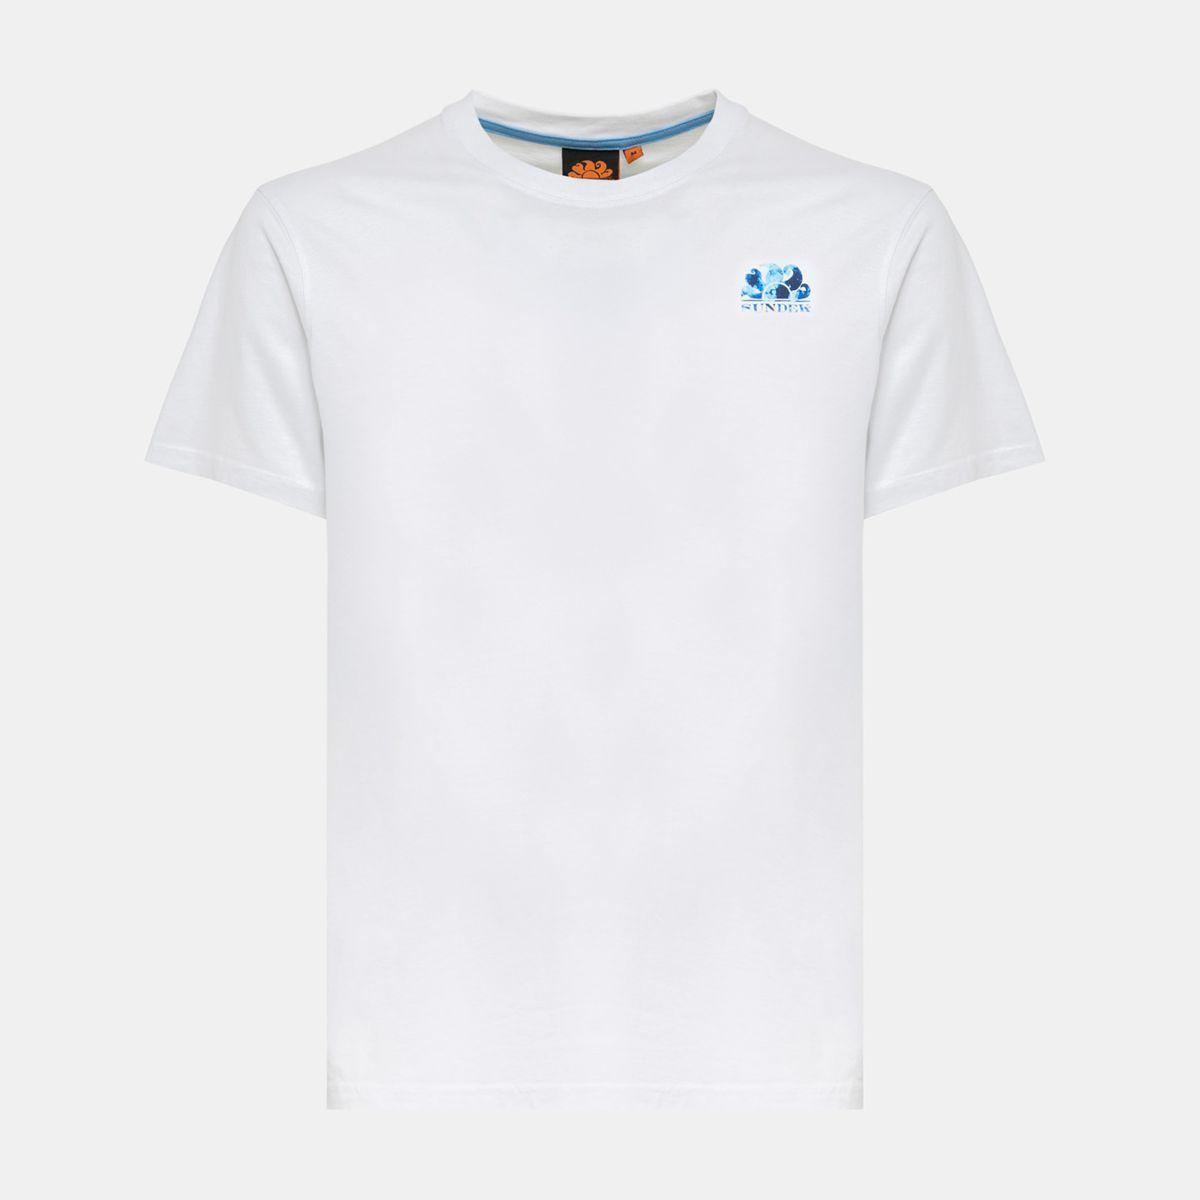 Robinson crew neck t-shirt White Sundek